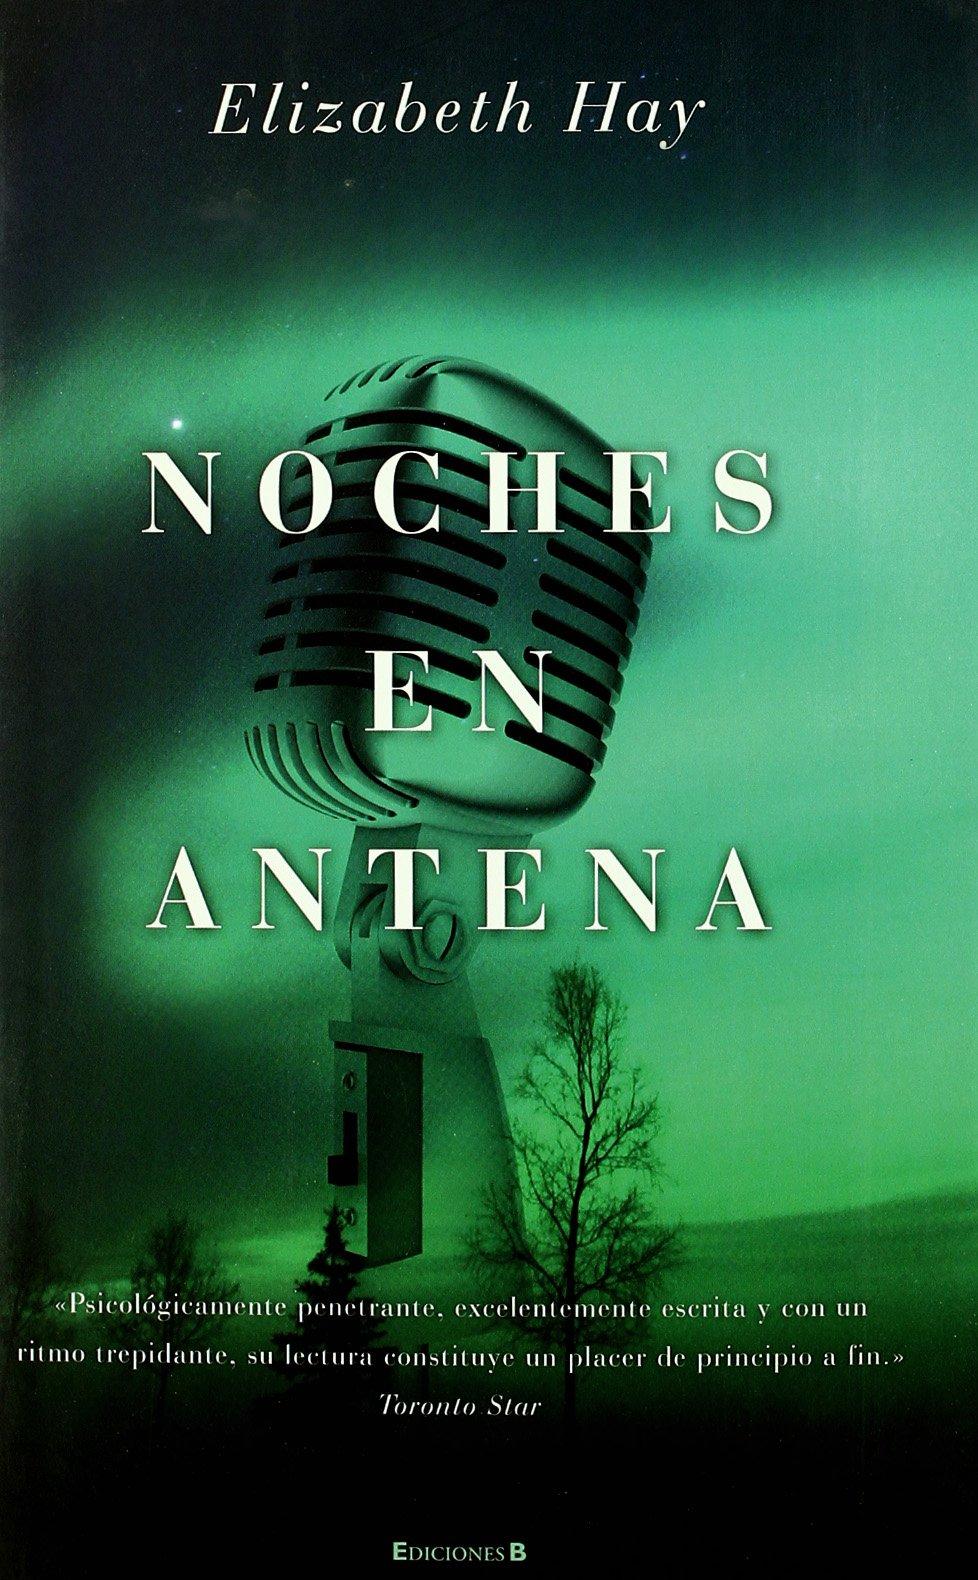 NOCHES EN ANTENA (Grandes novelas): Amazon.es: Hay, Elisabeth ...